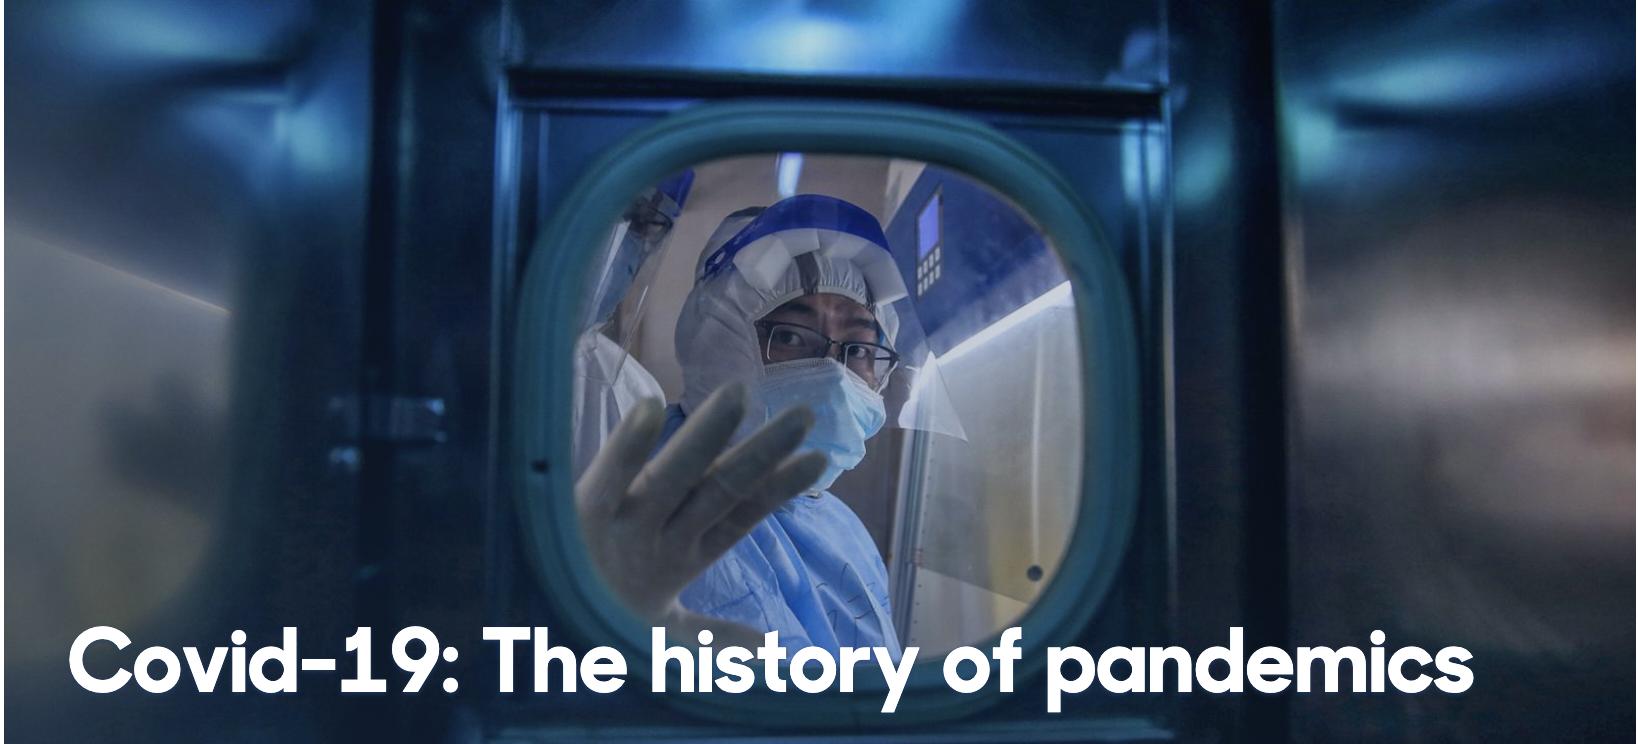 تاريخ الأوبئة، لماذا تتزايد الأمراض المعدية؟